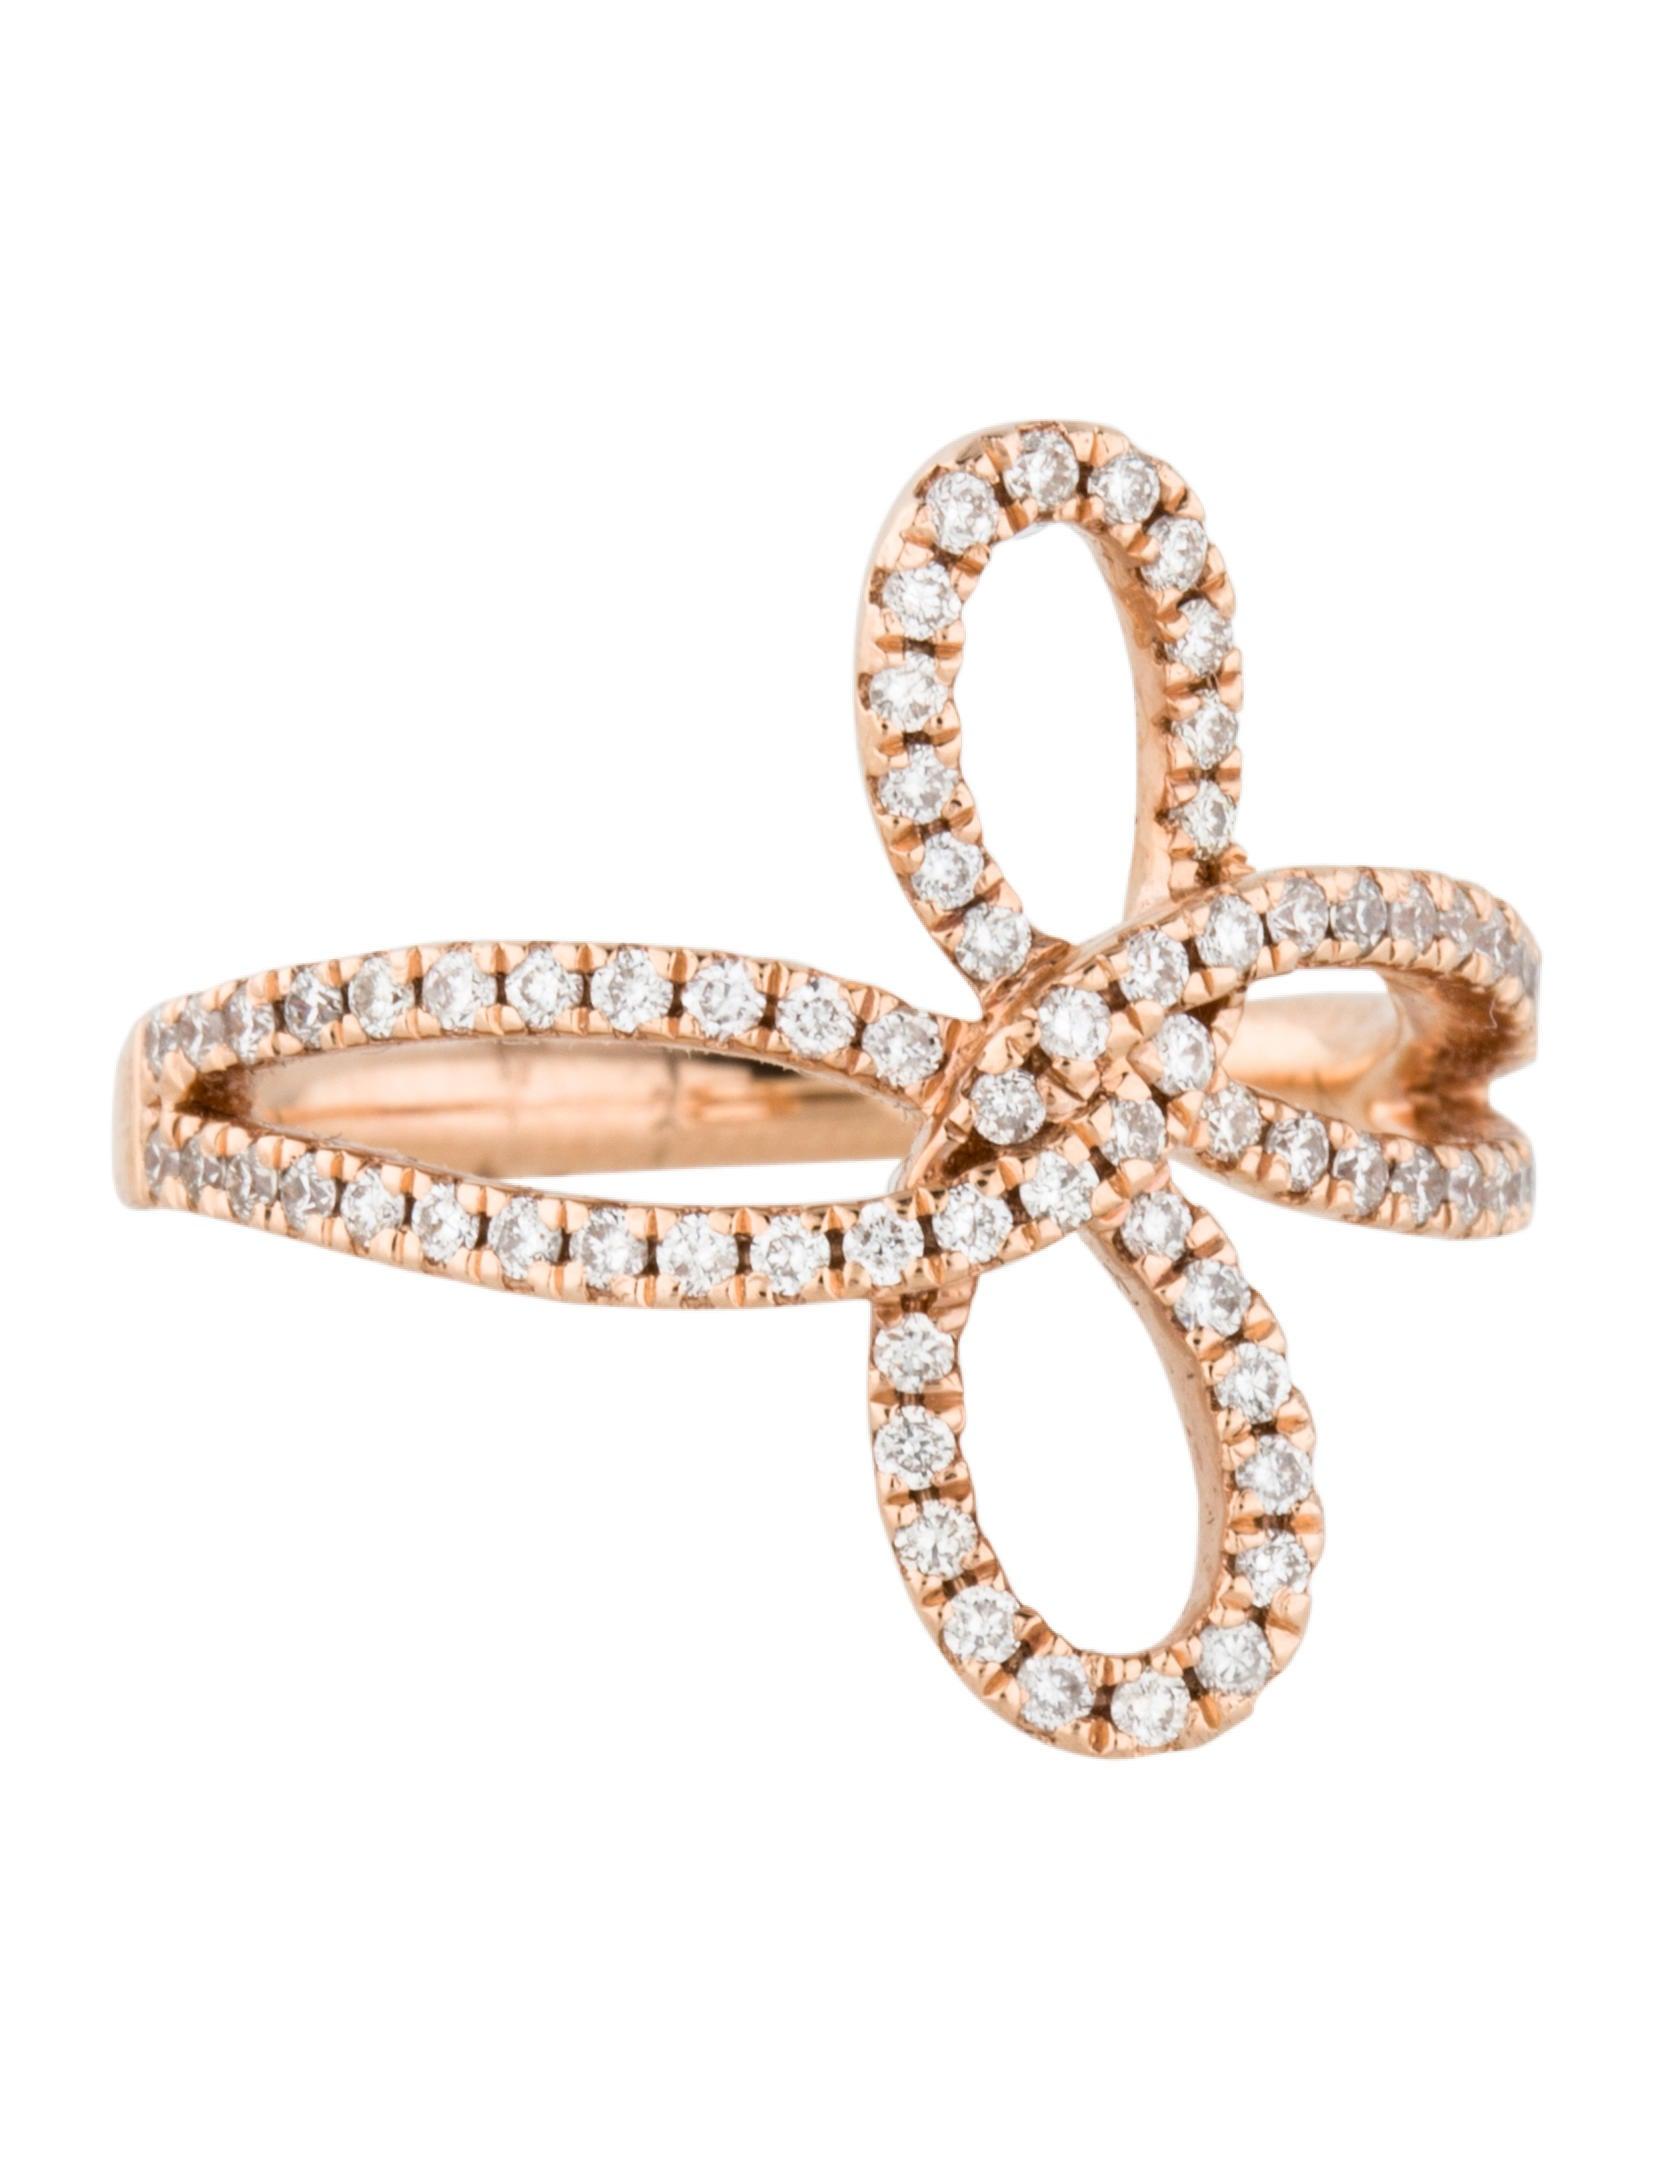 Ring Bow Il Gioiello Personalizzabile Con La Tua Nailart: Ring 14K Diamond Bow Ring - Rings - RRING20005